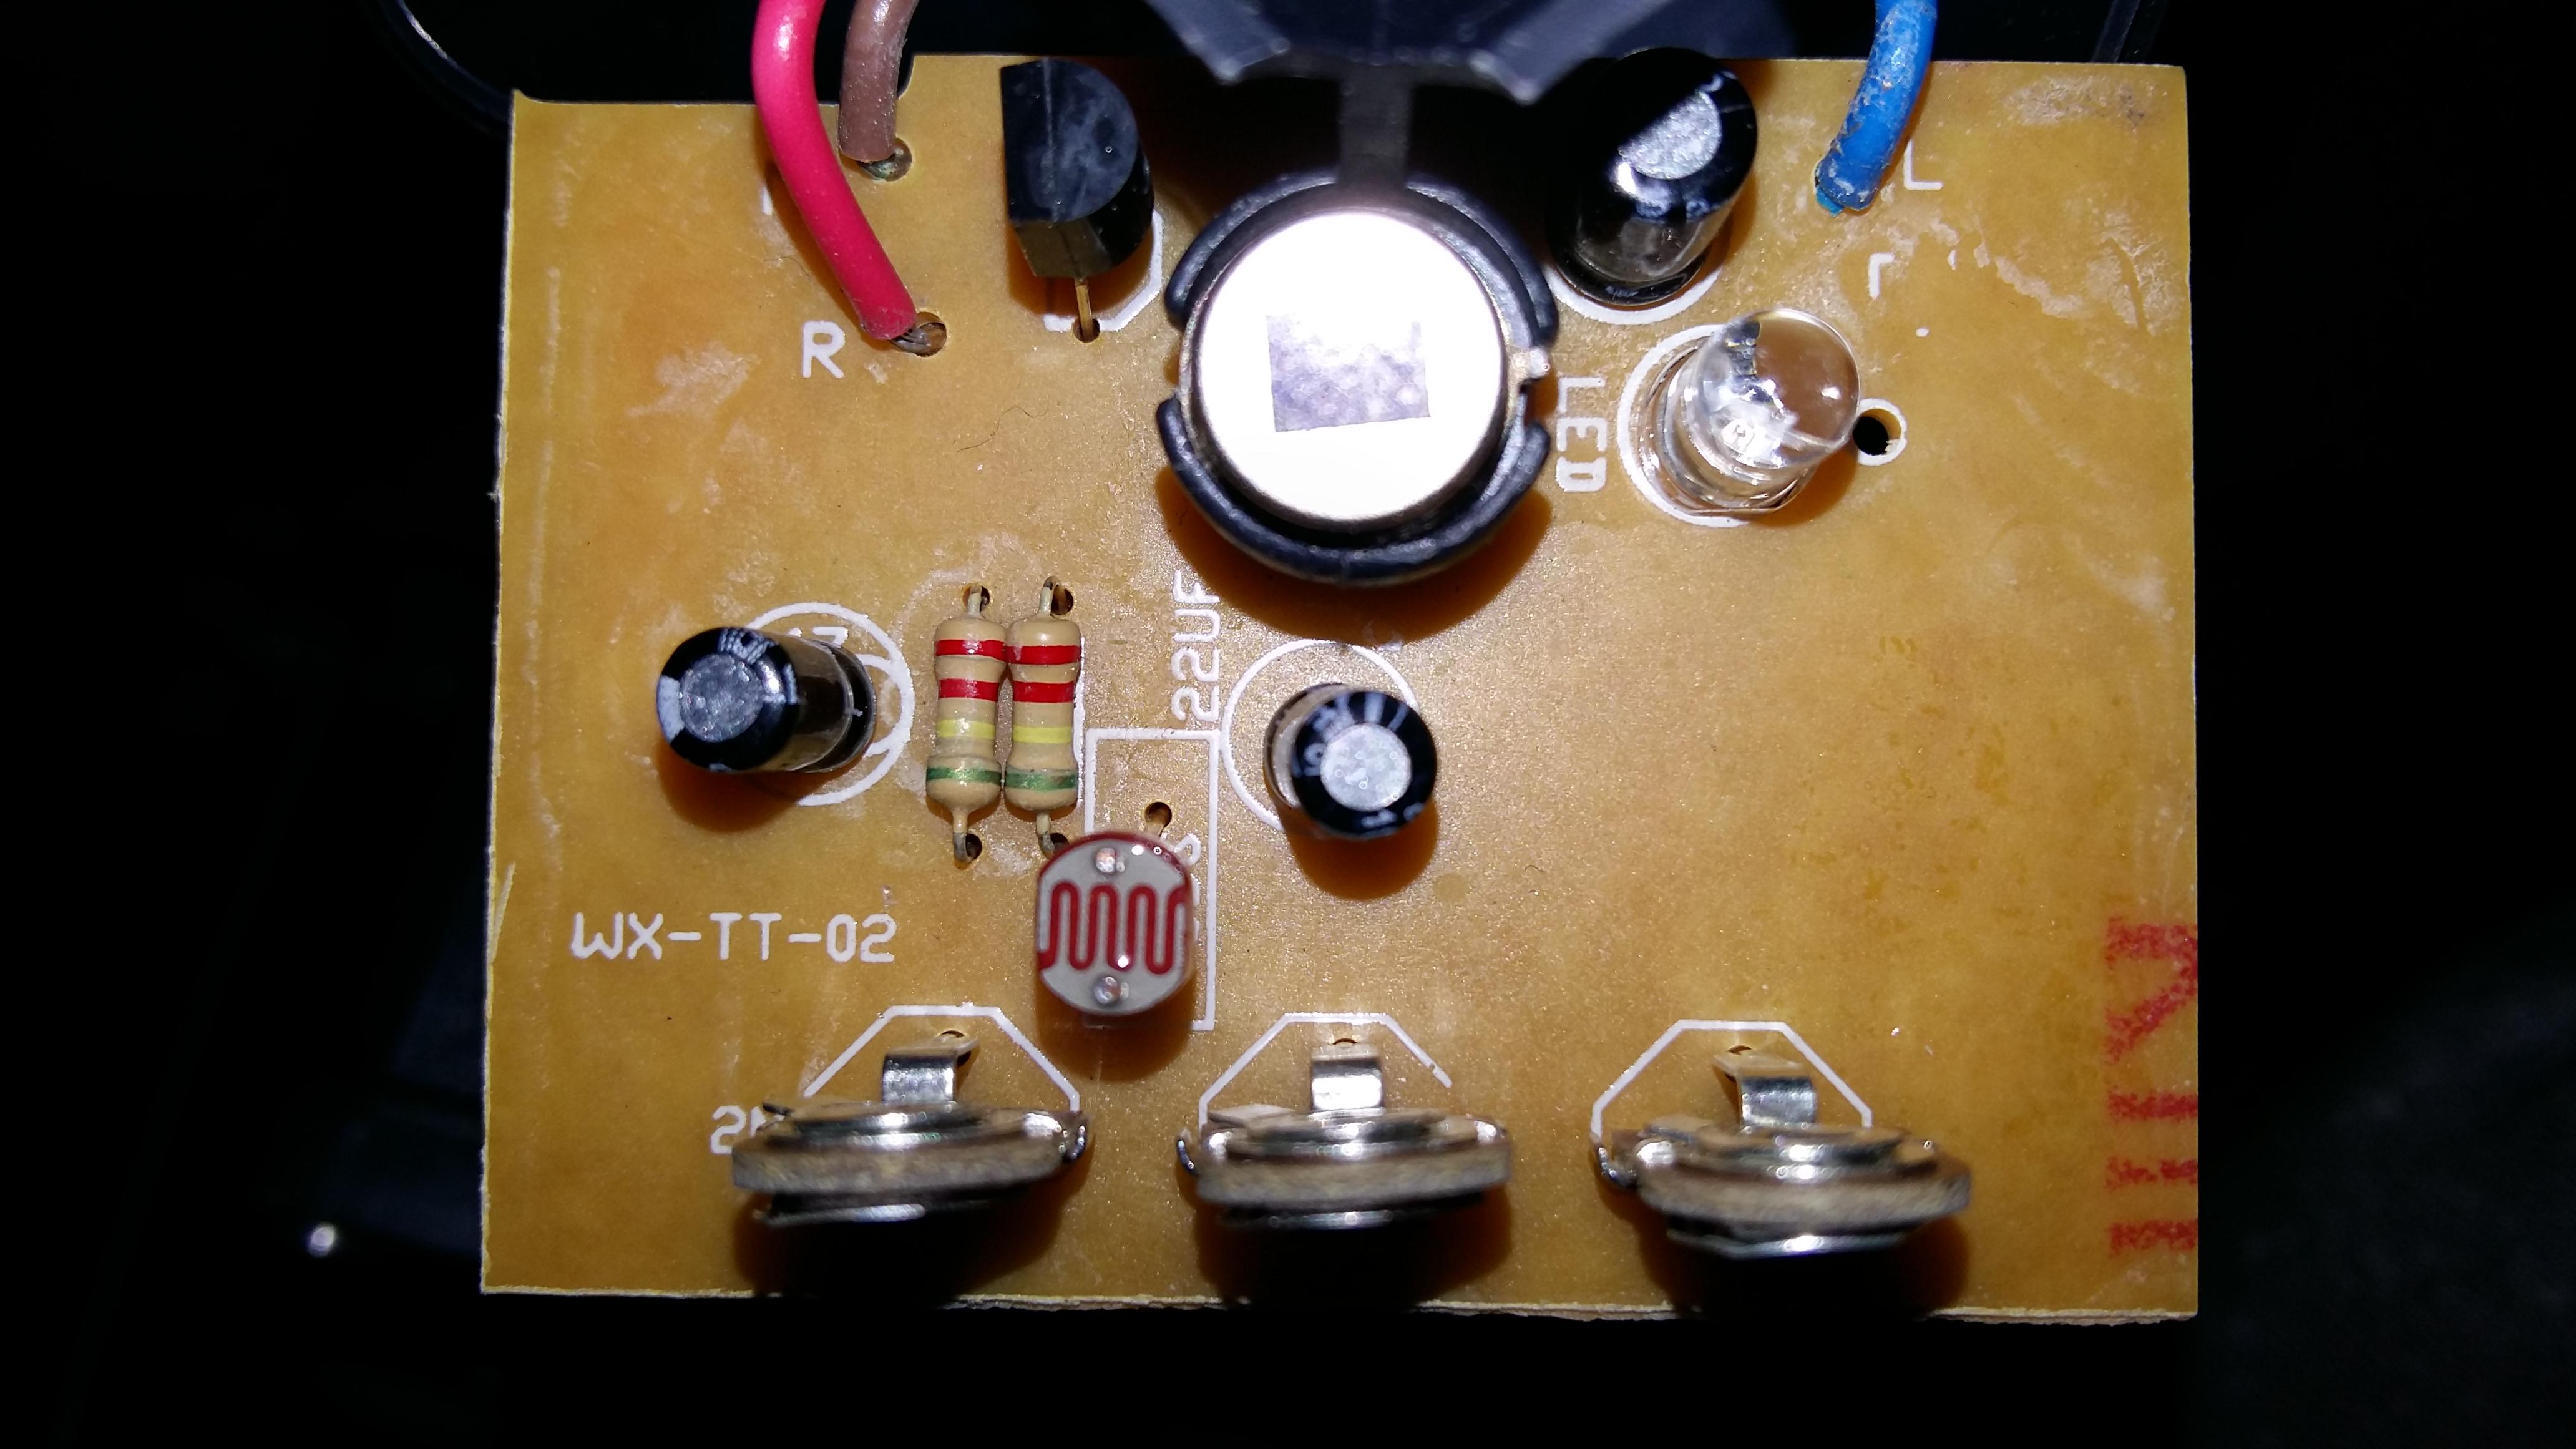 Modne ubrania Halogen Solarny LED czujnik zmierzchu - elektroda.pl MM63